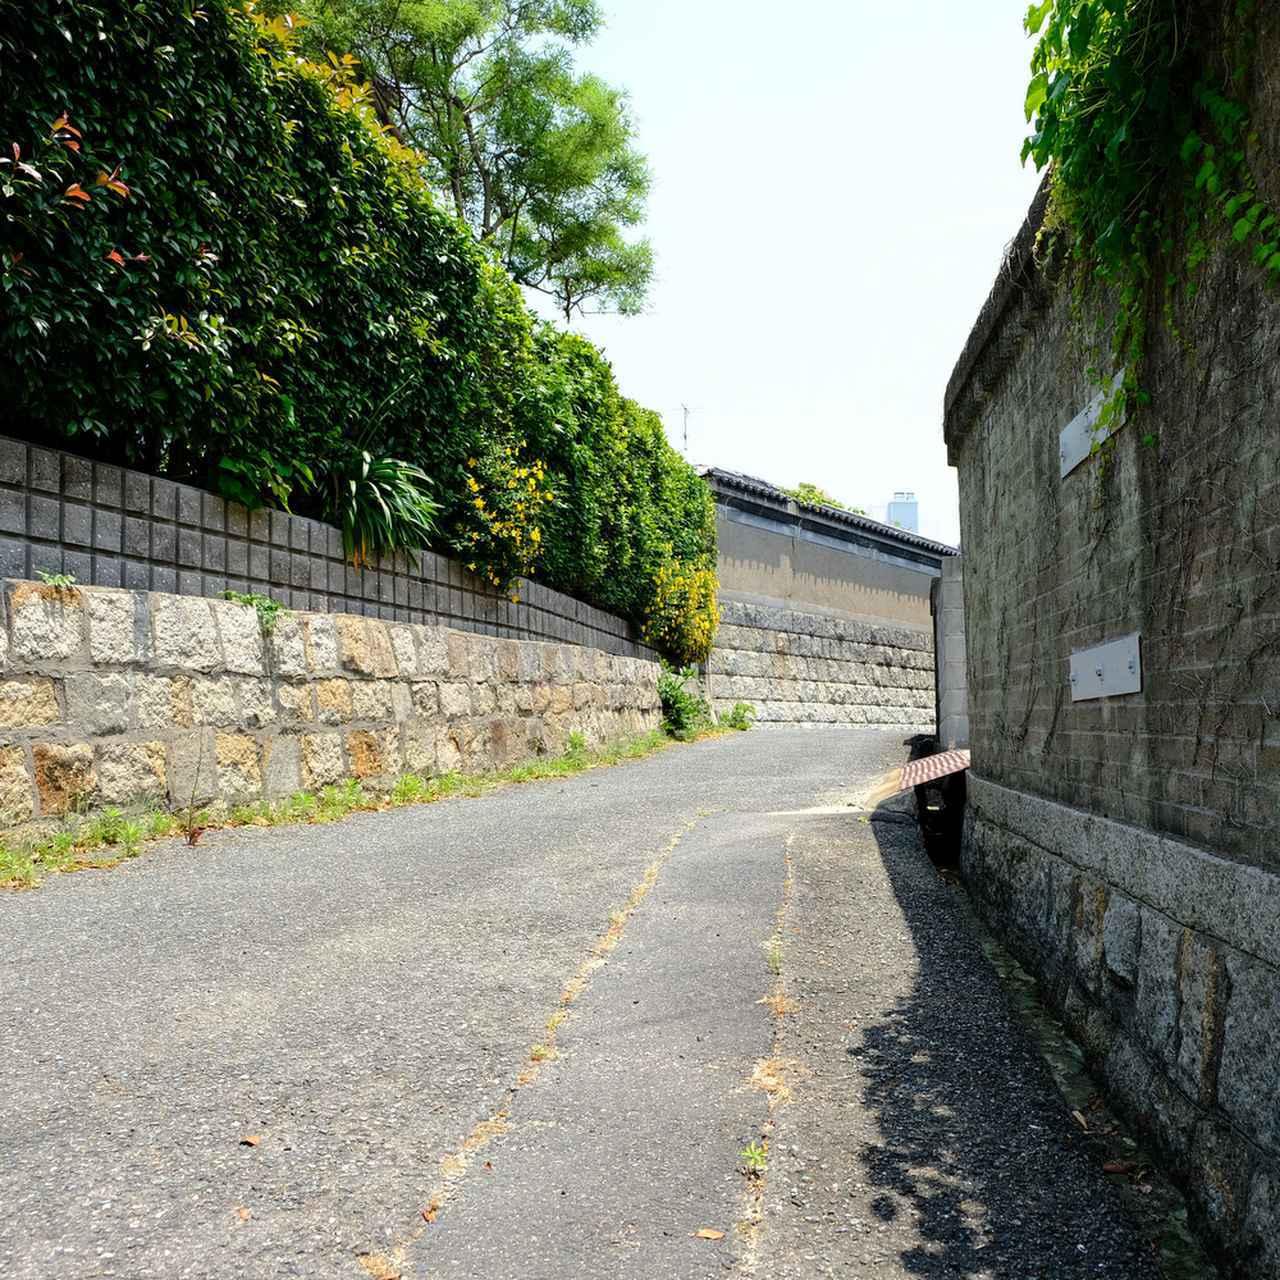 画像: そのまま市内中心部を自転車でふらりと走ると、タイムスリップしたかのような石垣の路地に出ました。